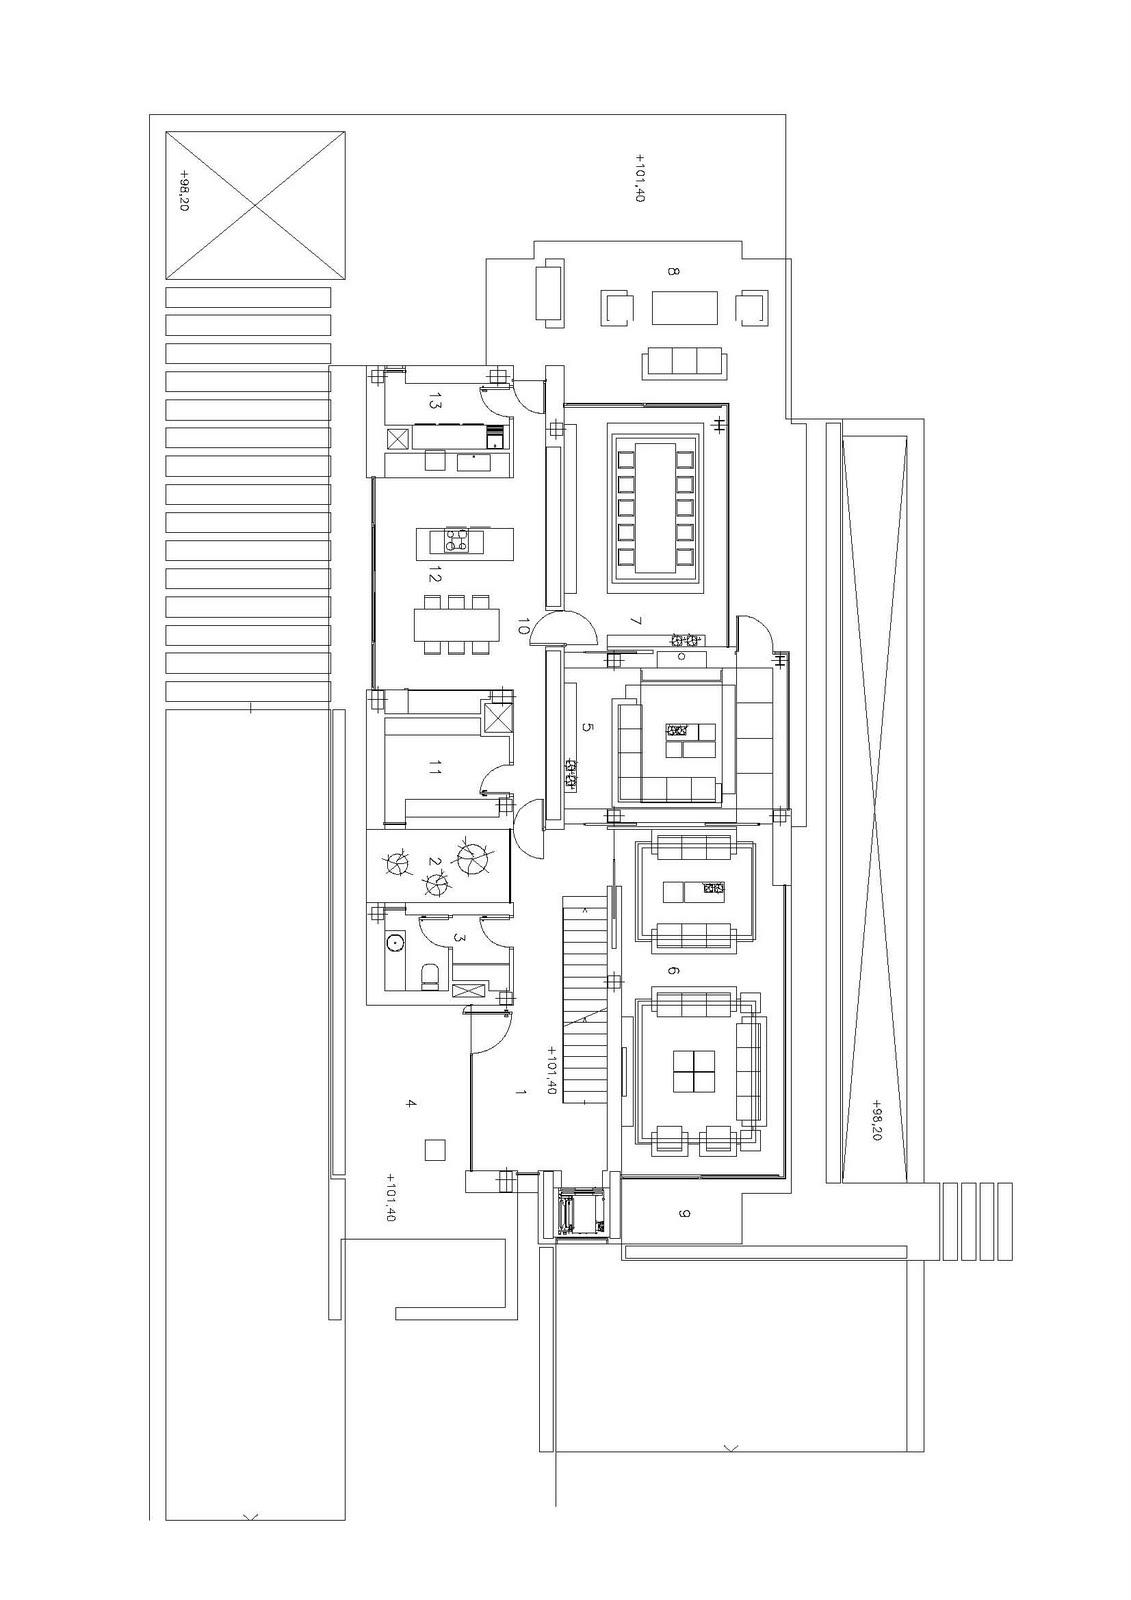 Arquitectura arquidea vivienda unifamiliar en las rozas for Vivienda unifamiliar arquitectura